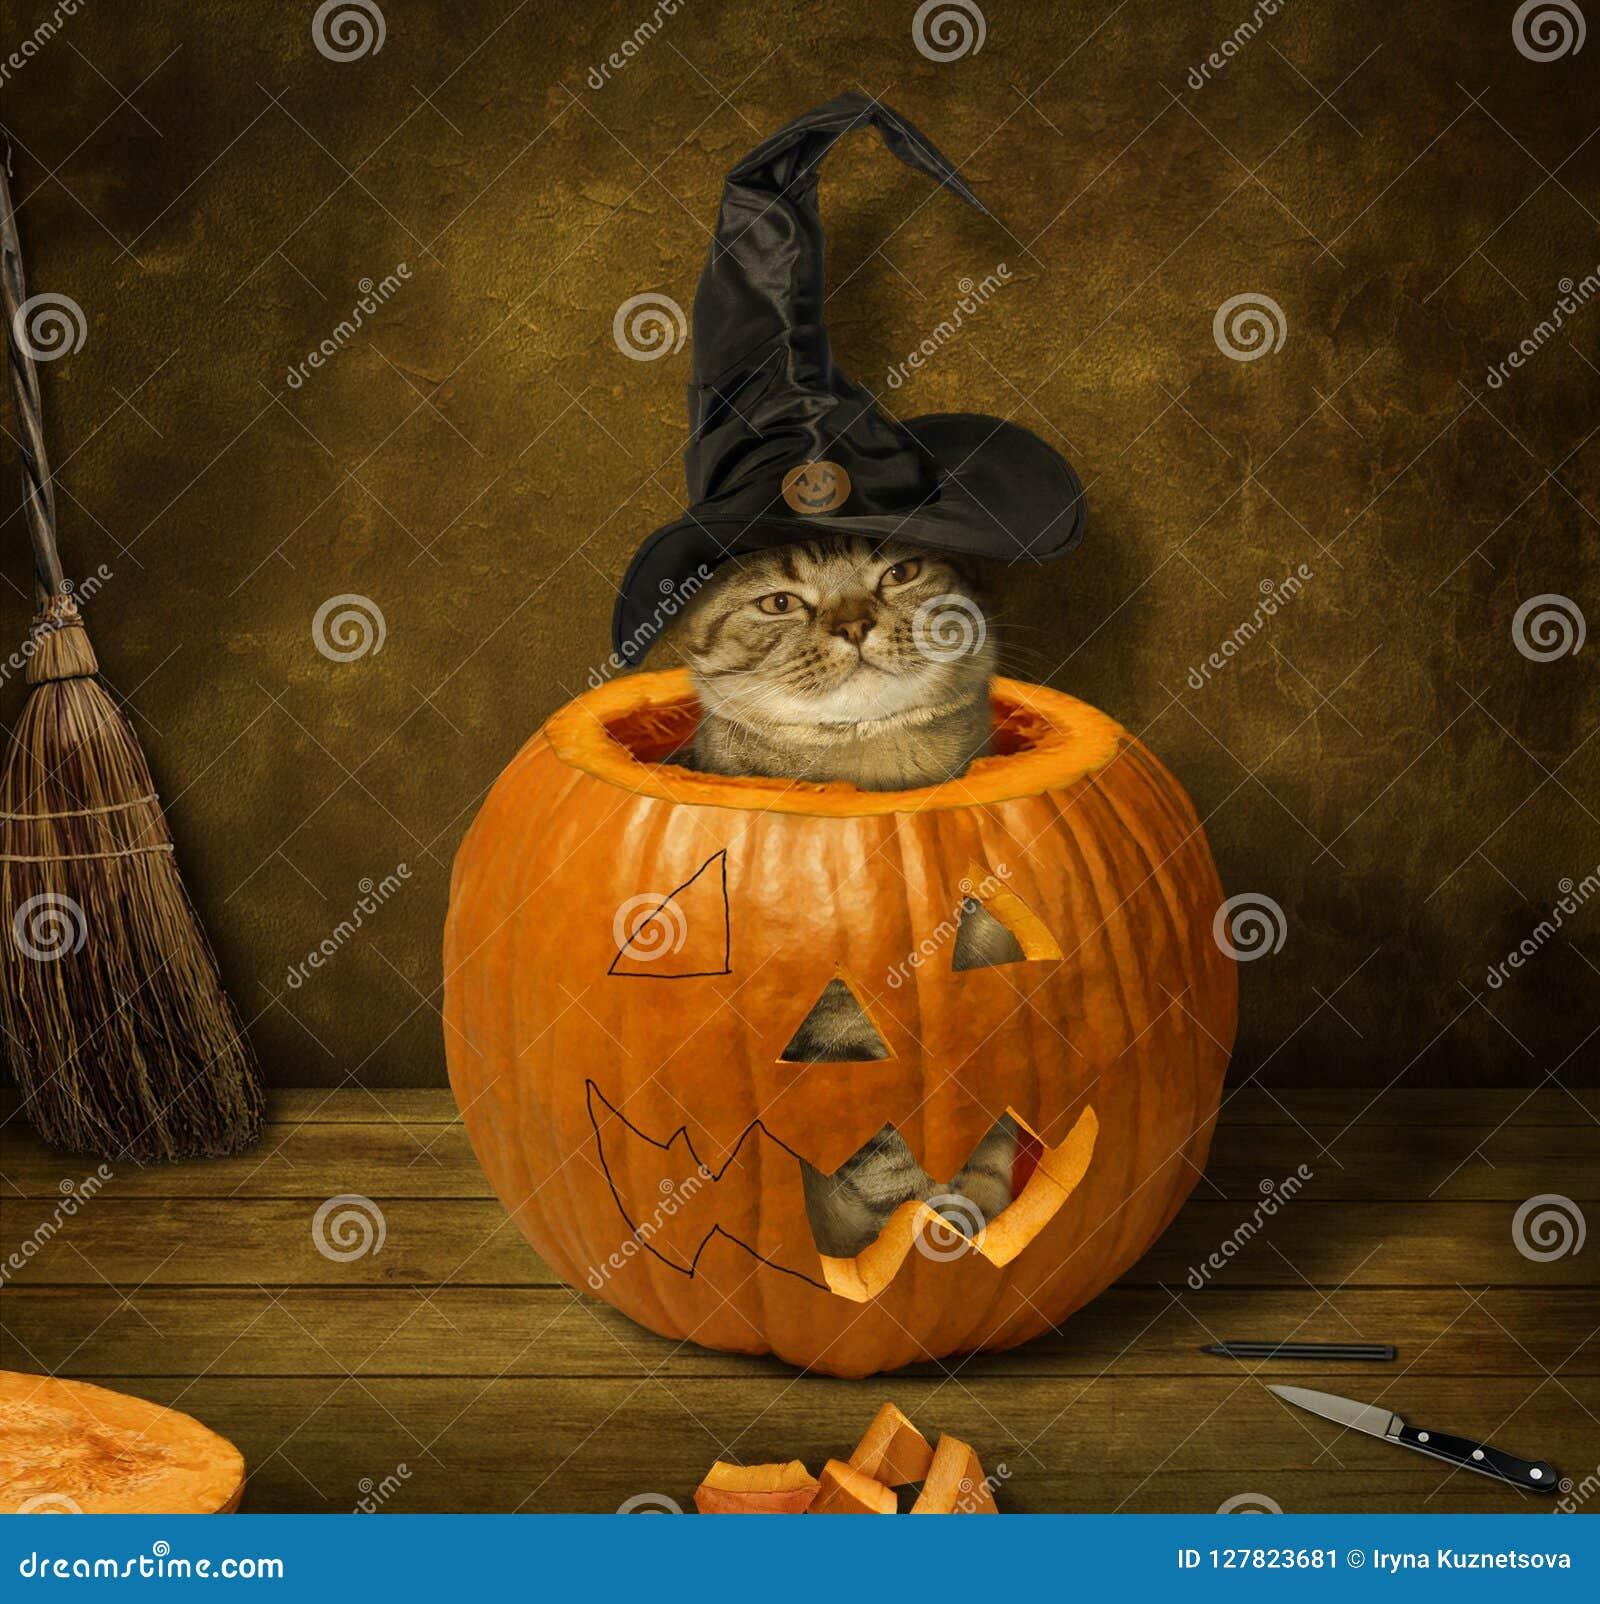 A cat in a pampkin.